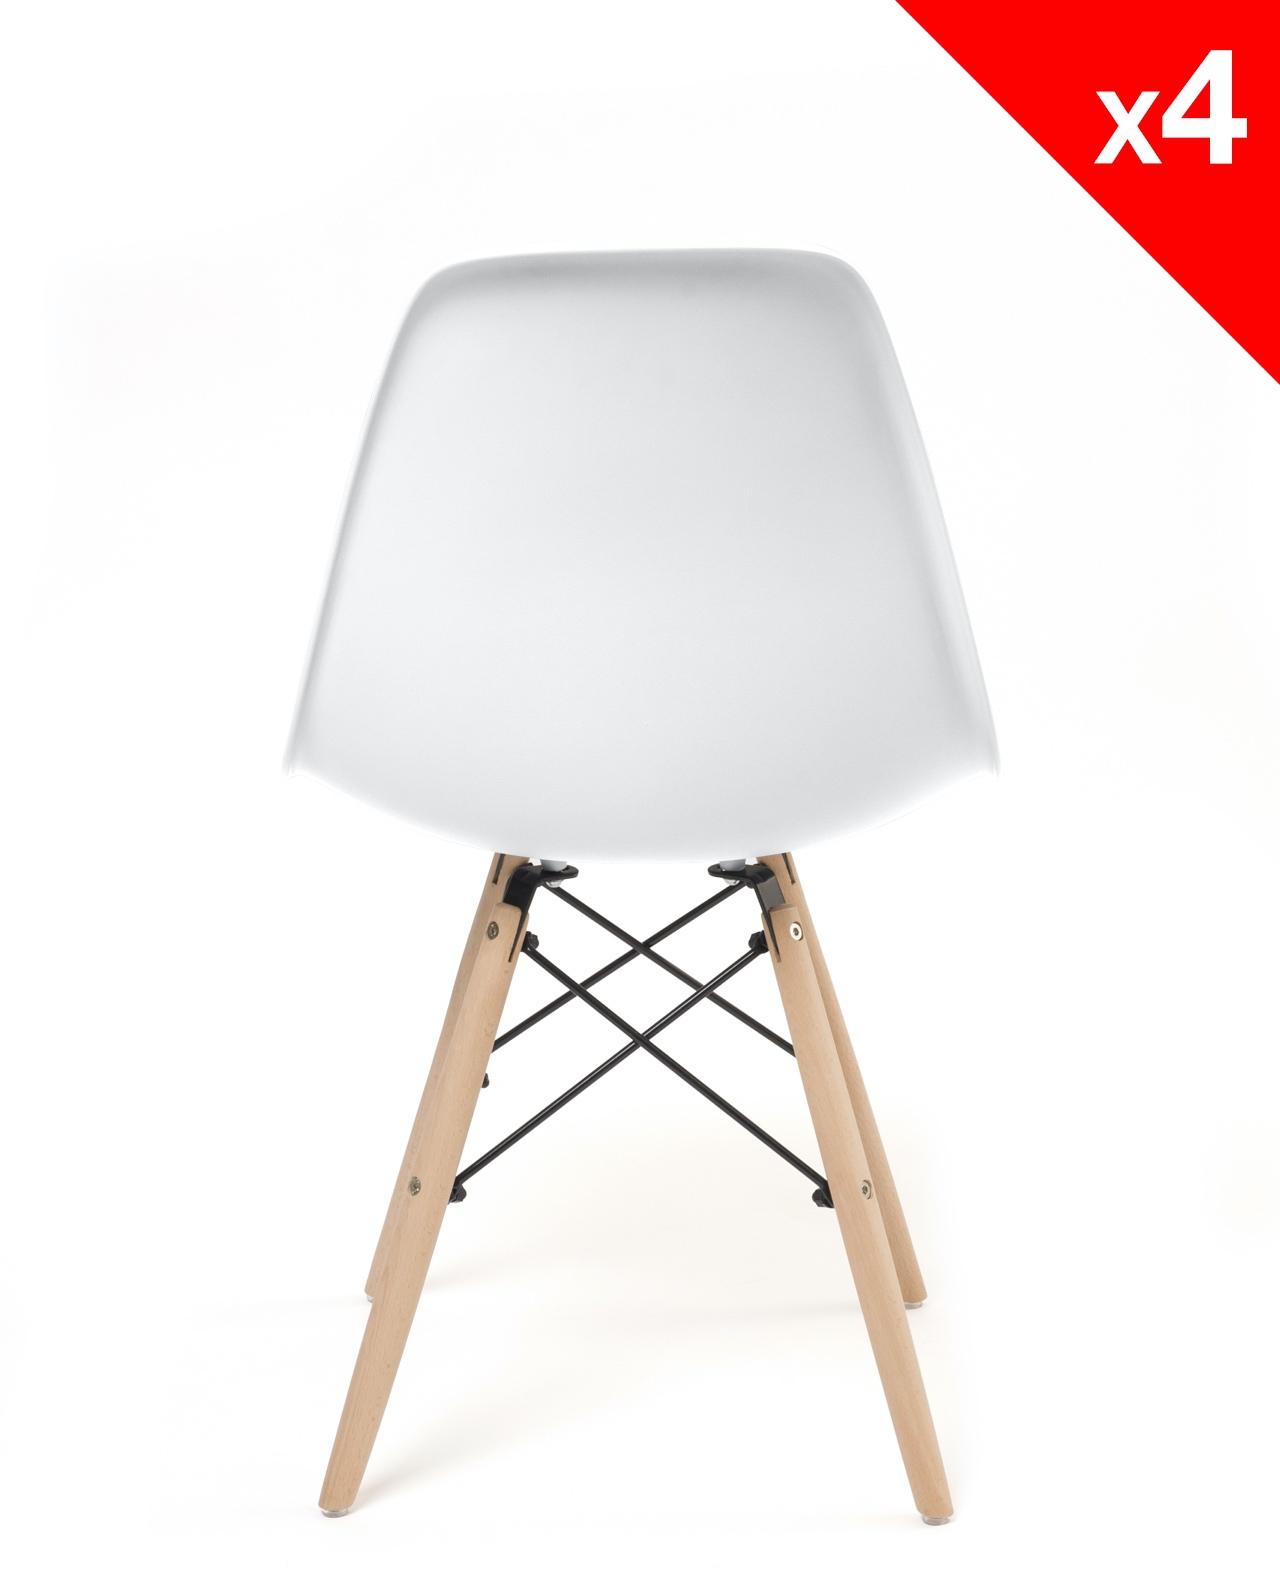 Neo lot de 4 chaises design pi tement h tre for Chaise salle manger blanc pas cher